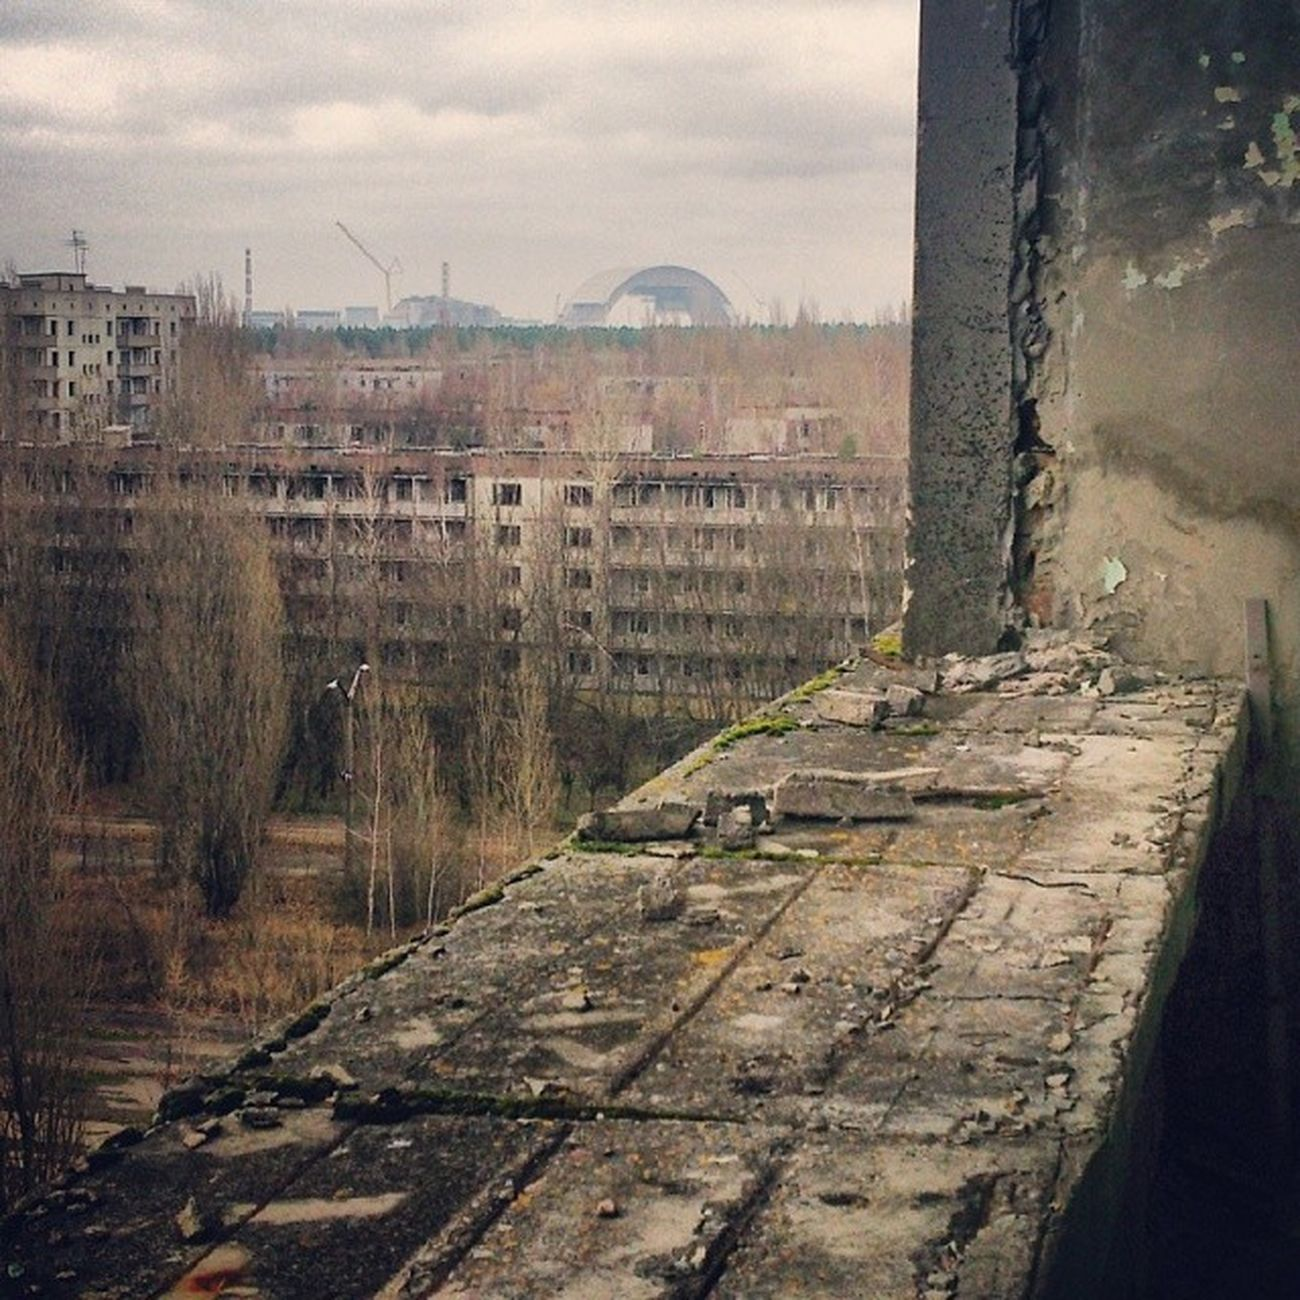 И вновь этот неловкий момент, когда кажется, что не ты смотришь на станцию, а станция на тебя припять чаэс атомная_катастрофа атомная_станция pripyat nuclear_station nuclesr_disaster radiation dead_city abandoned_city